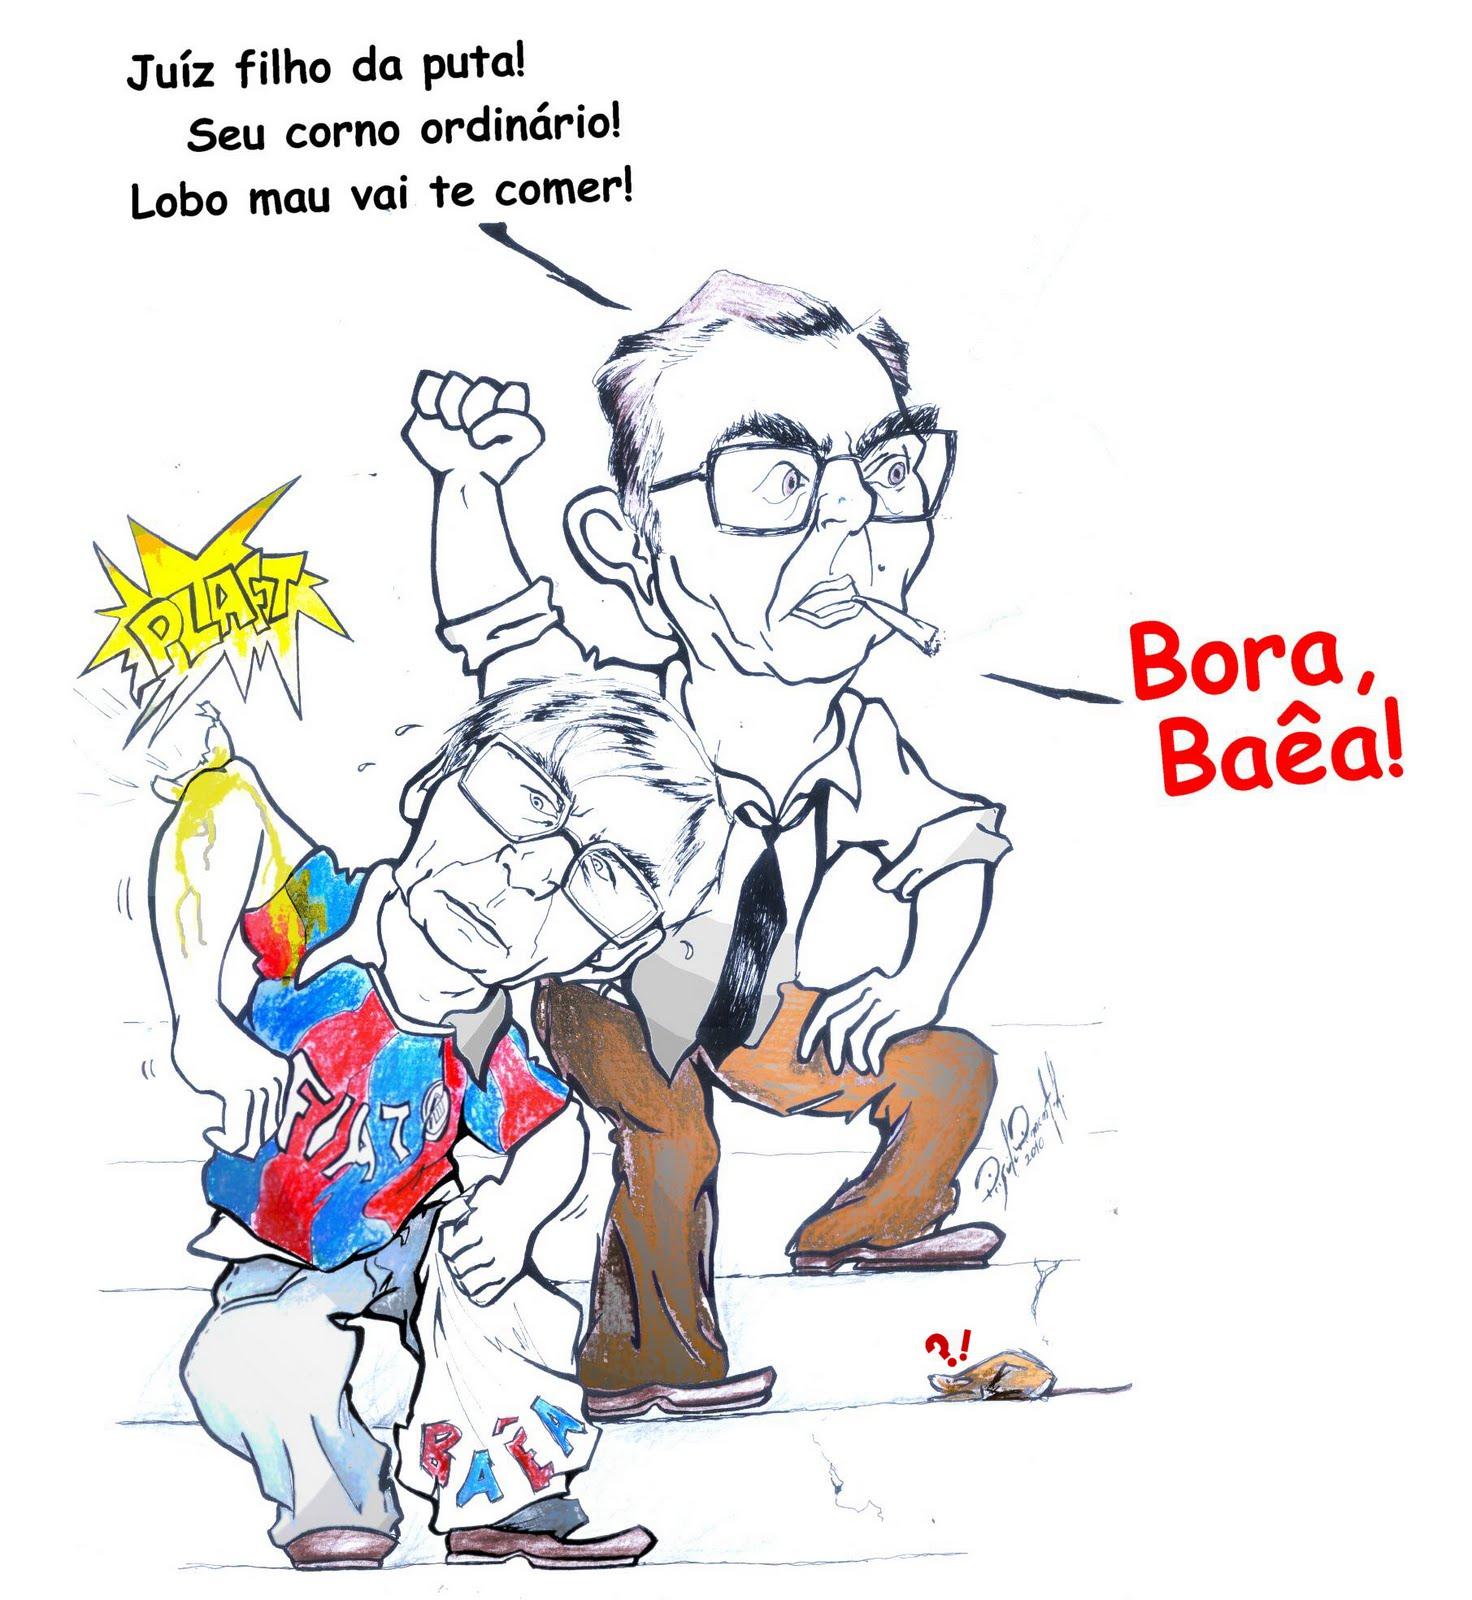 No dia em que Nelson Rodrigues levou Patrice Pavis para assistirem o jogo do Esporte Clube Bahia...